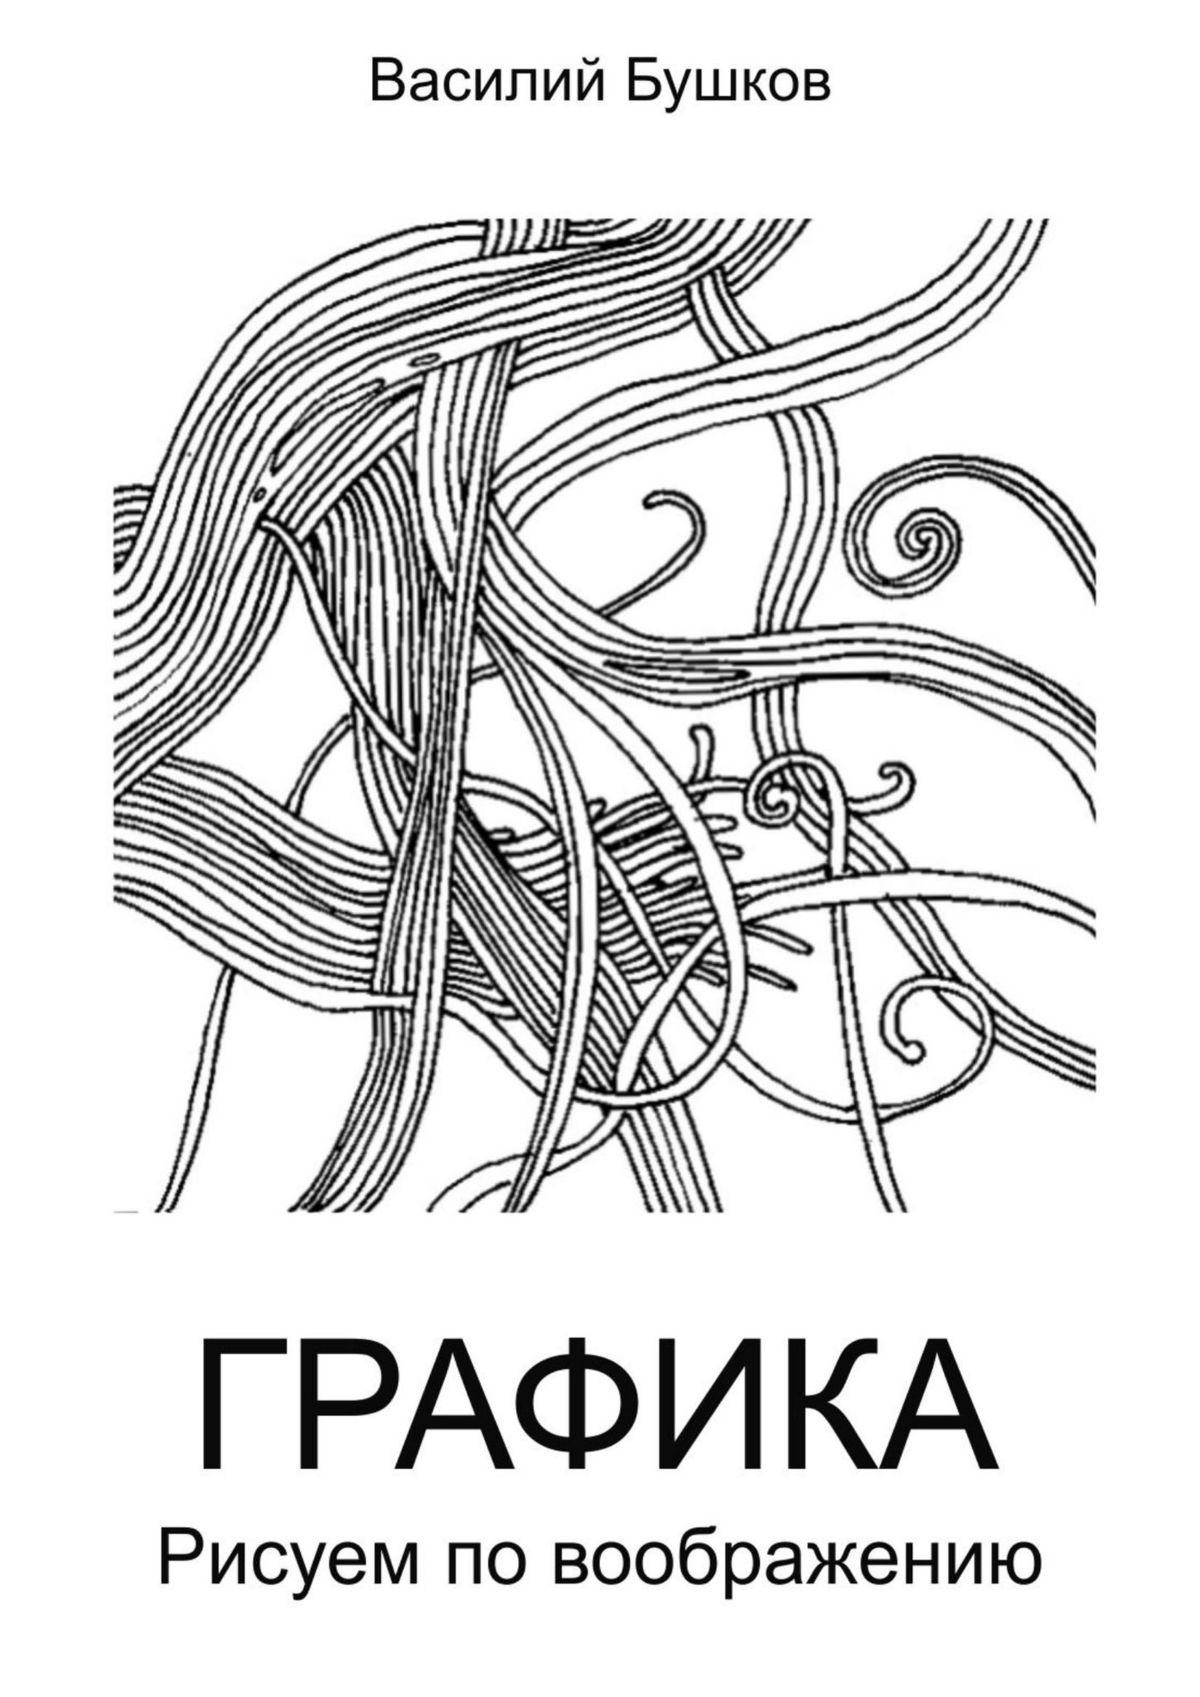 Фото - Василий Бушков Графика. Рисуем по воображению василий бушков дизайн рекламы 10 иллюстрированных уроков